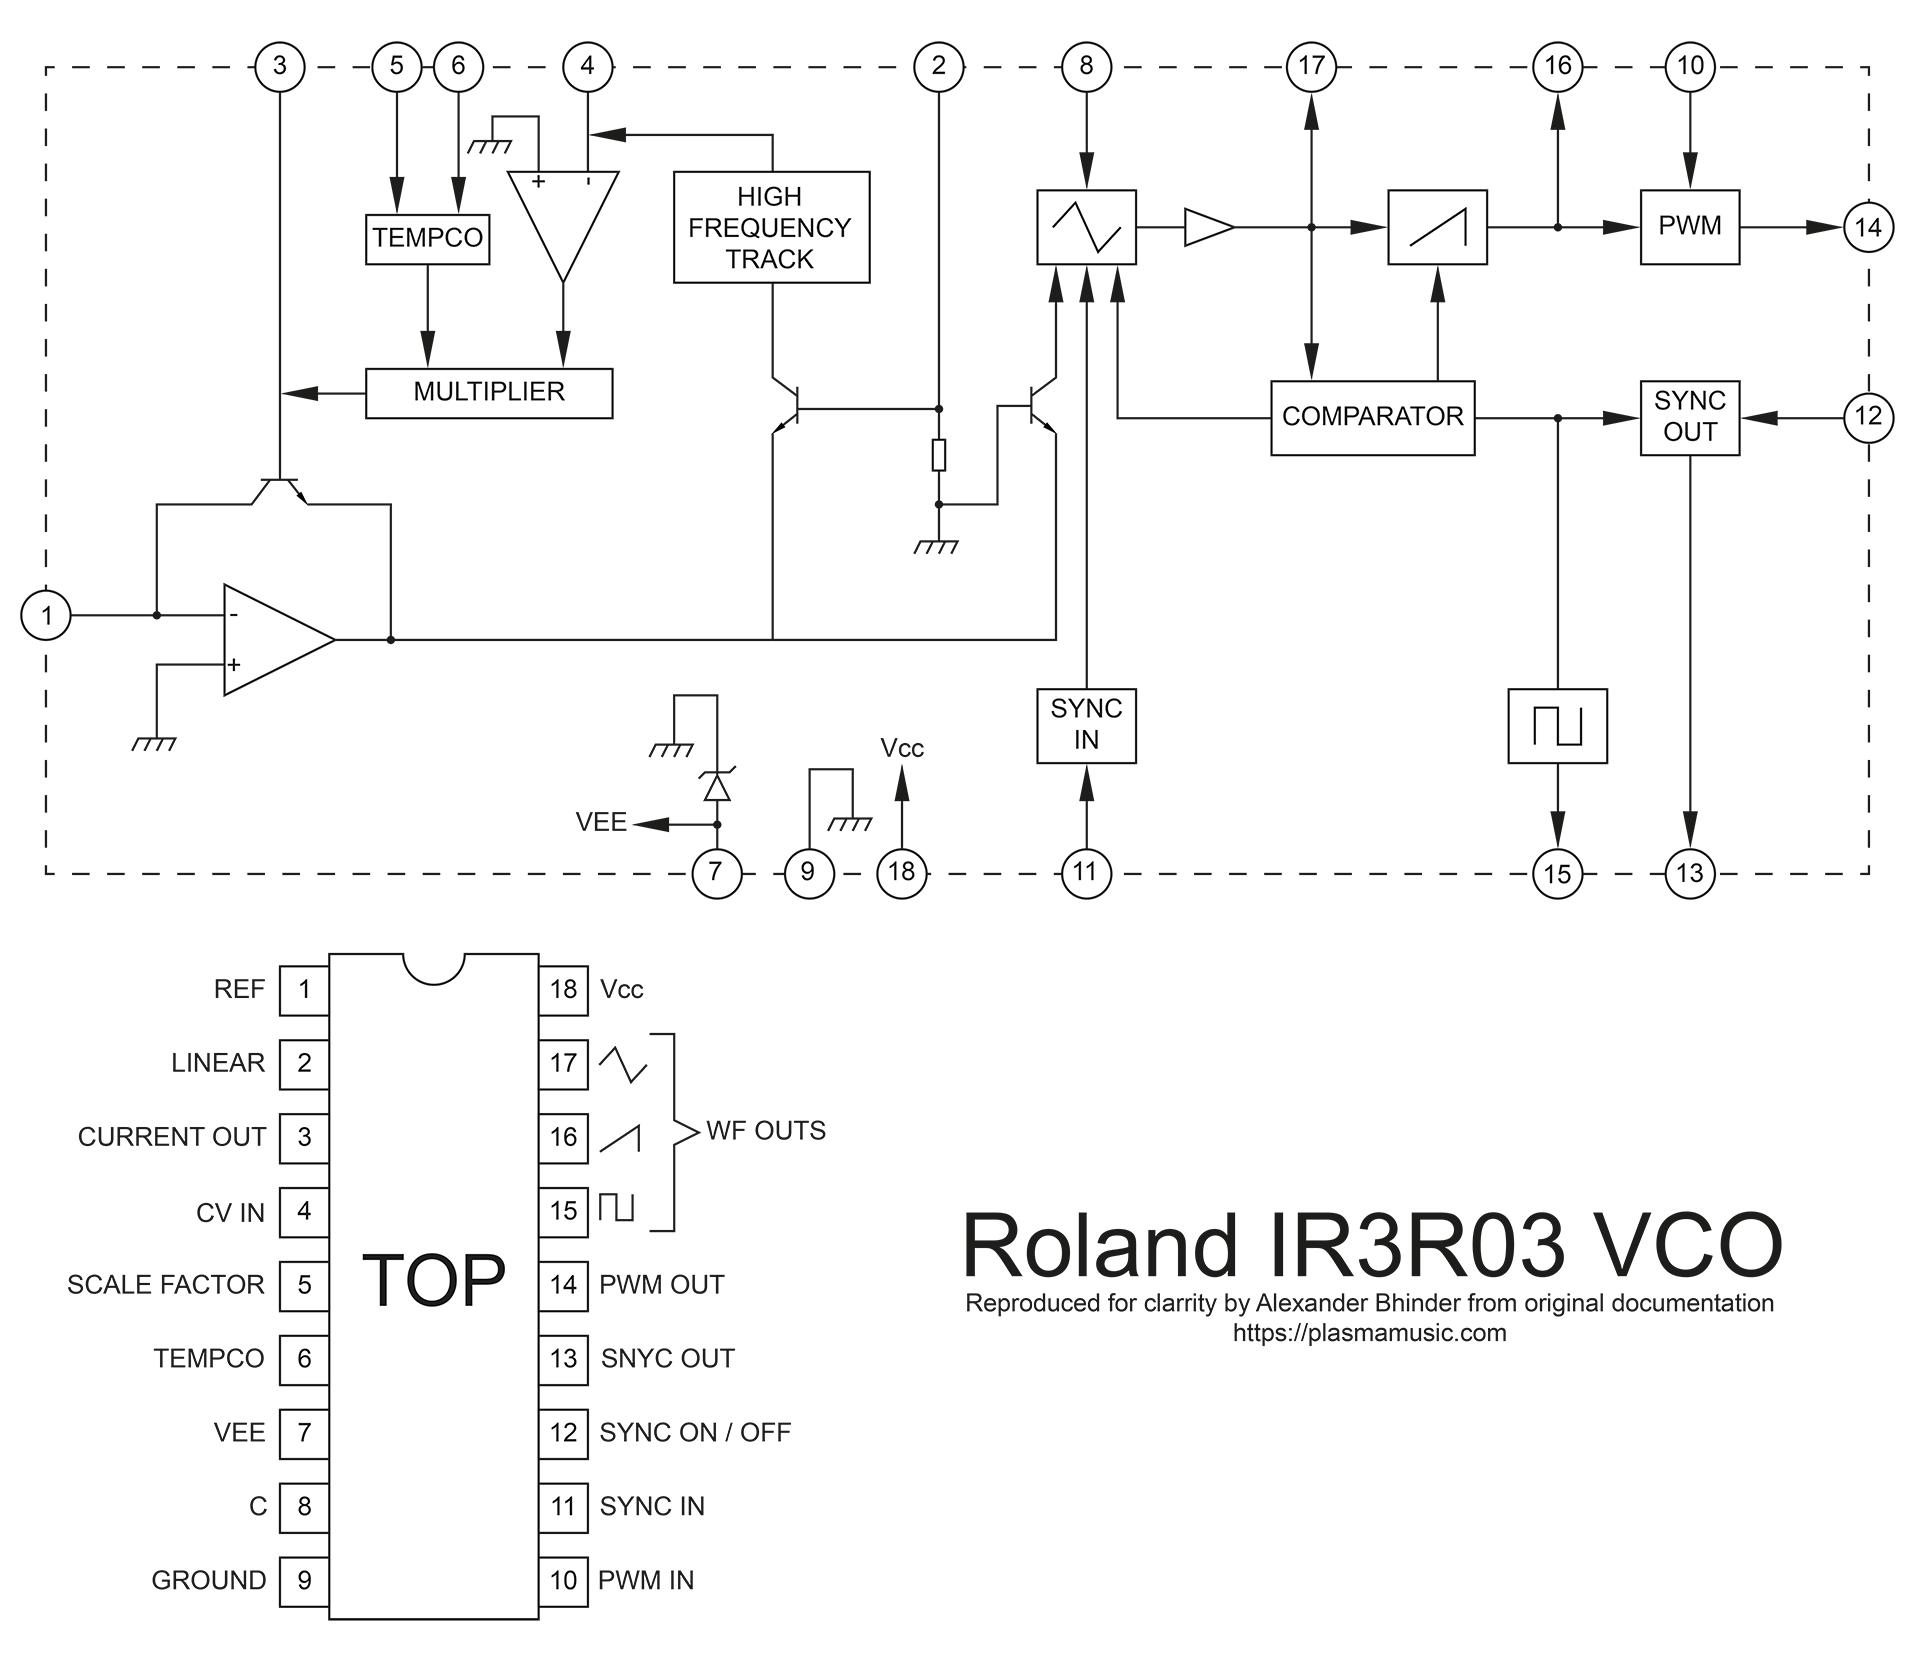 Inside the Roland IR3R03 VCO.